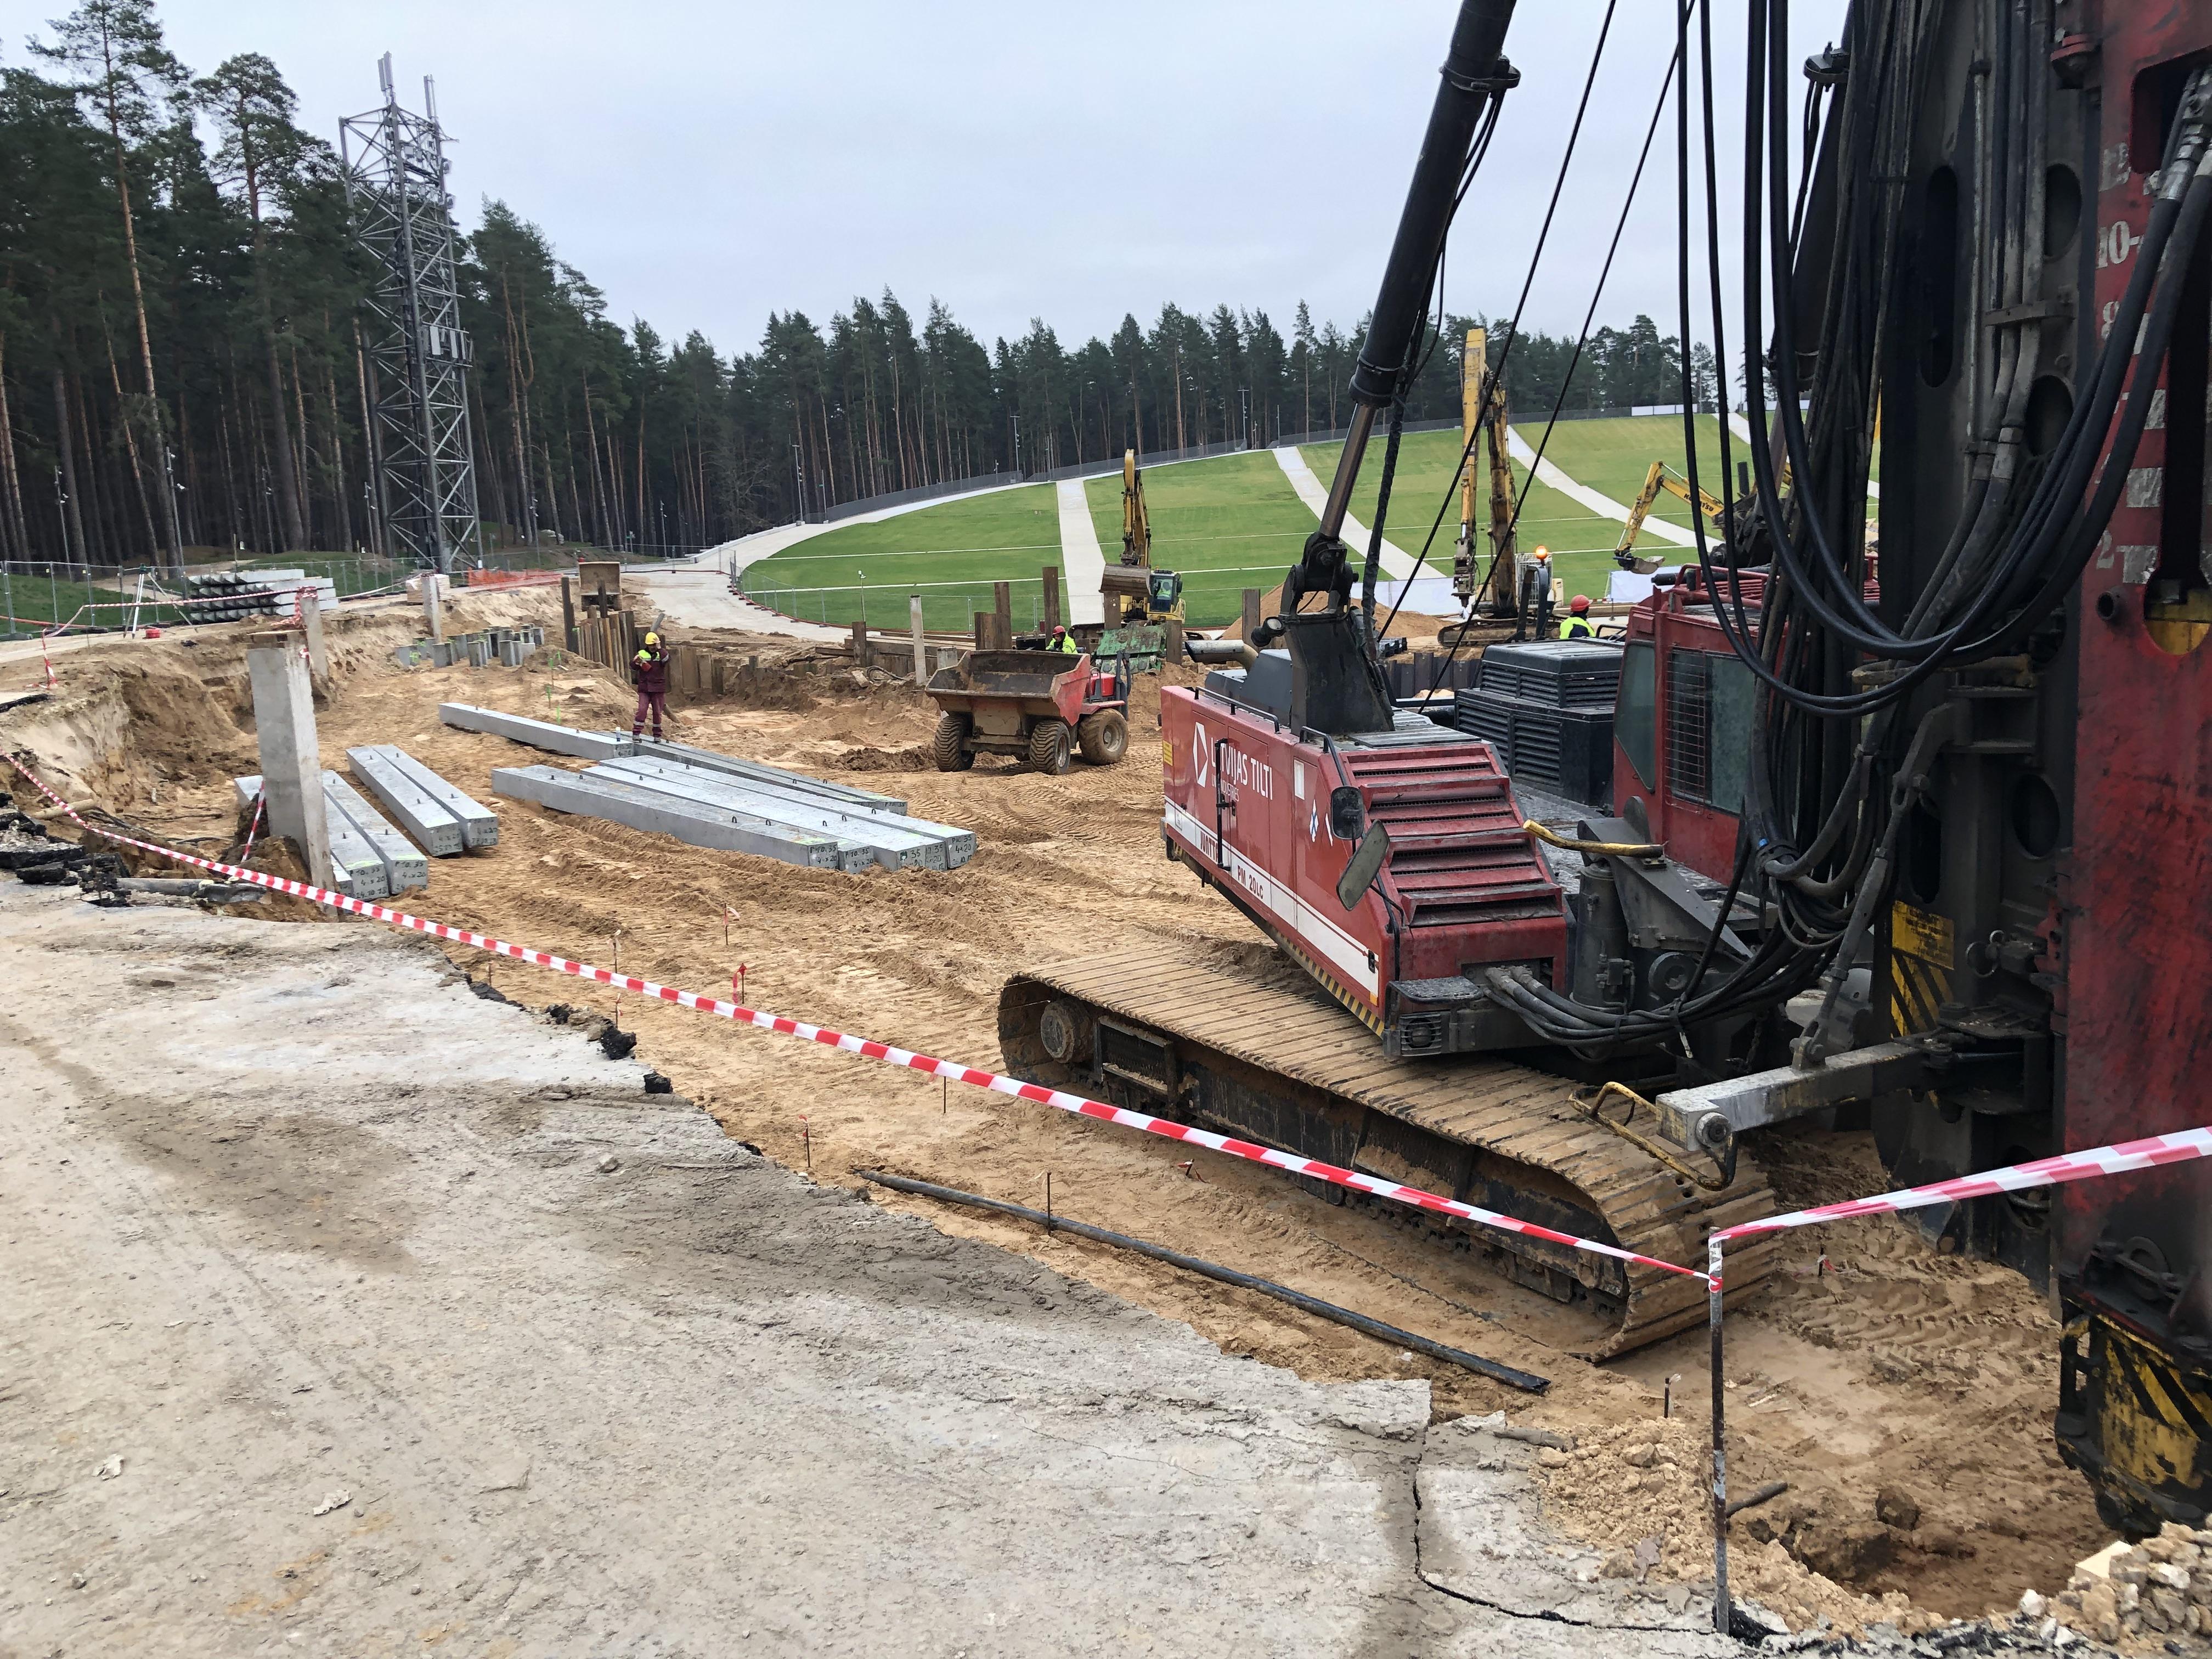 Mežaparka Lielās estrādes 2.kārtas pārbūves ģeotehniskā uzraudzība un gruntsūdens monitorings